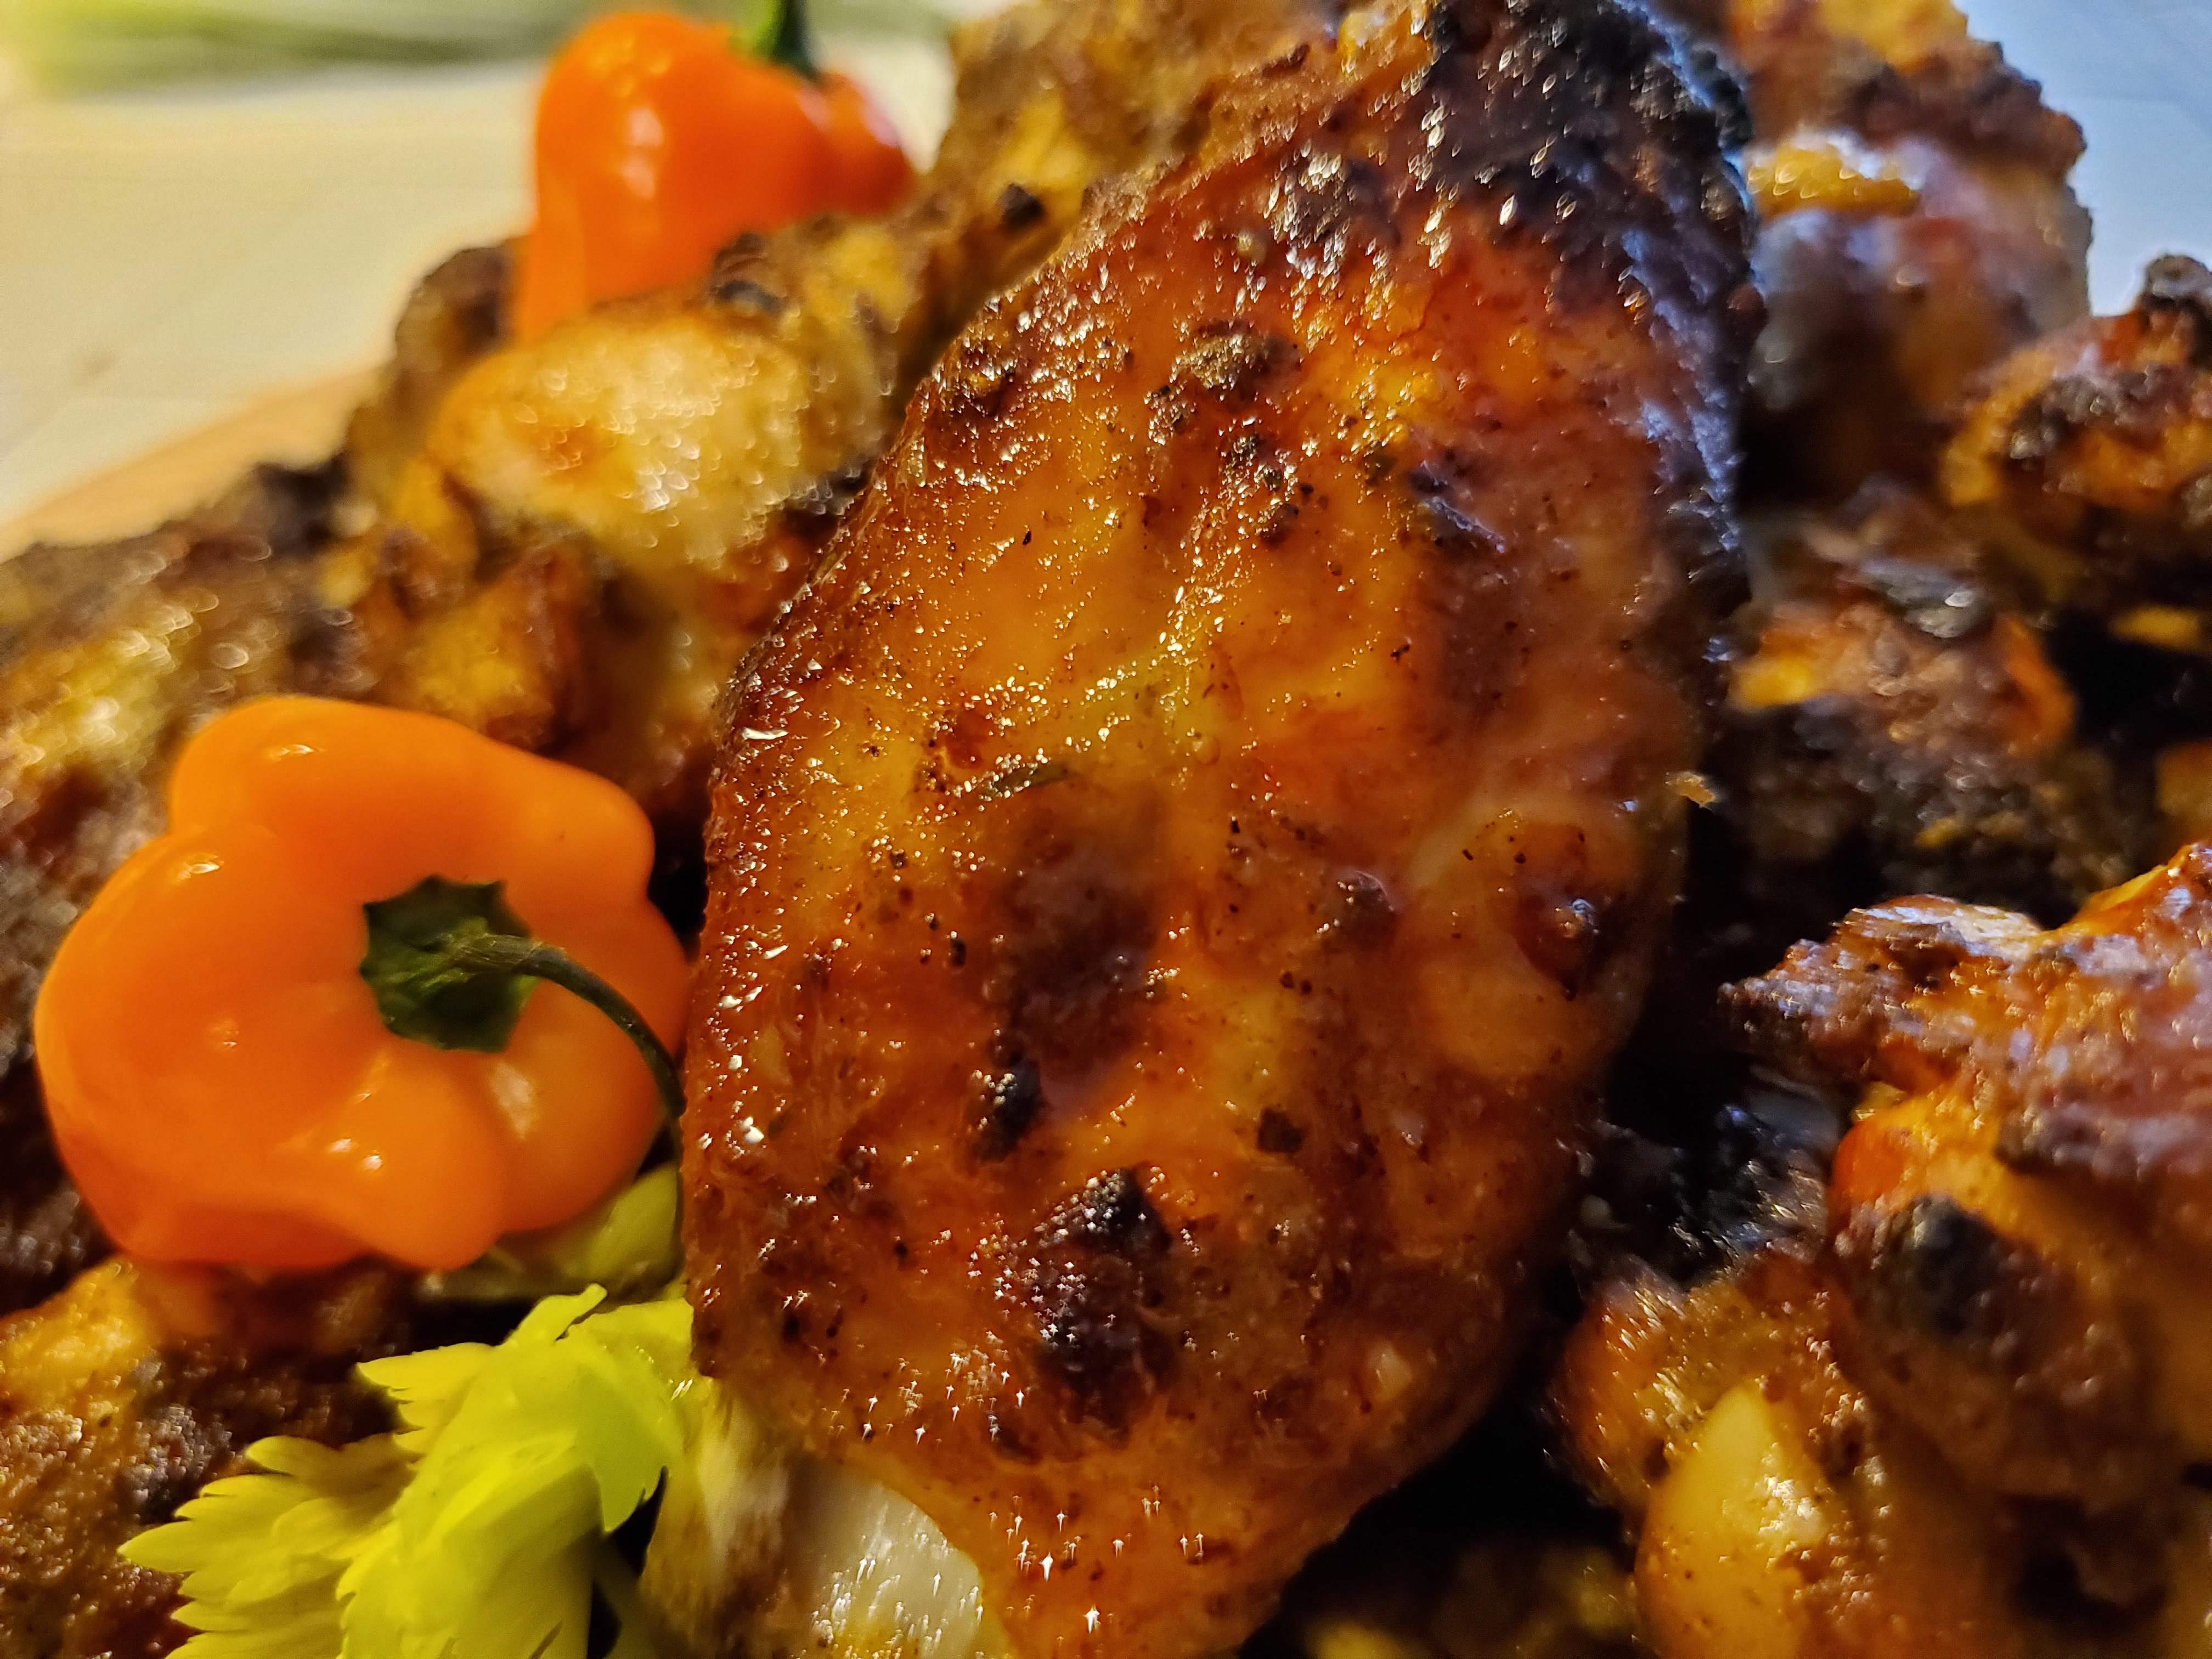 Barbecued Jerk Chicken Wings